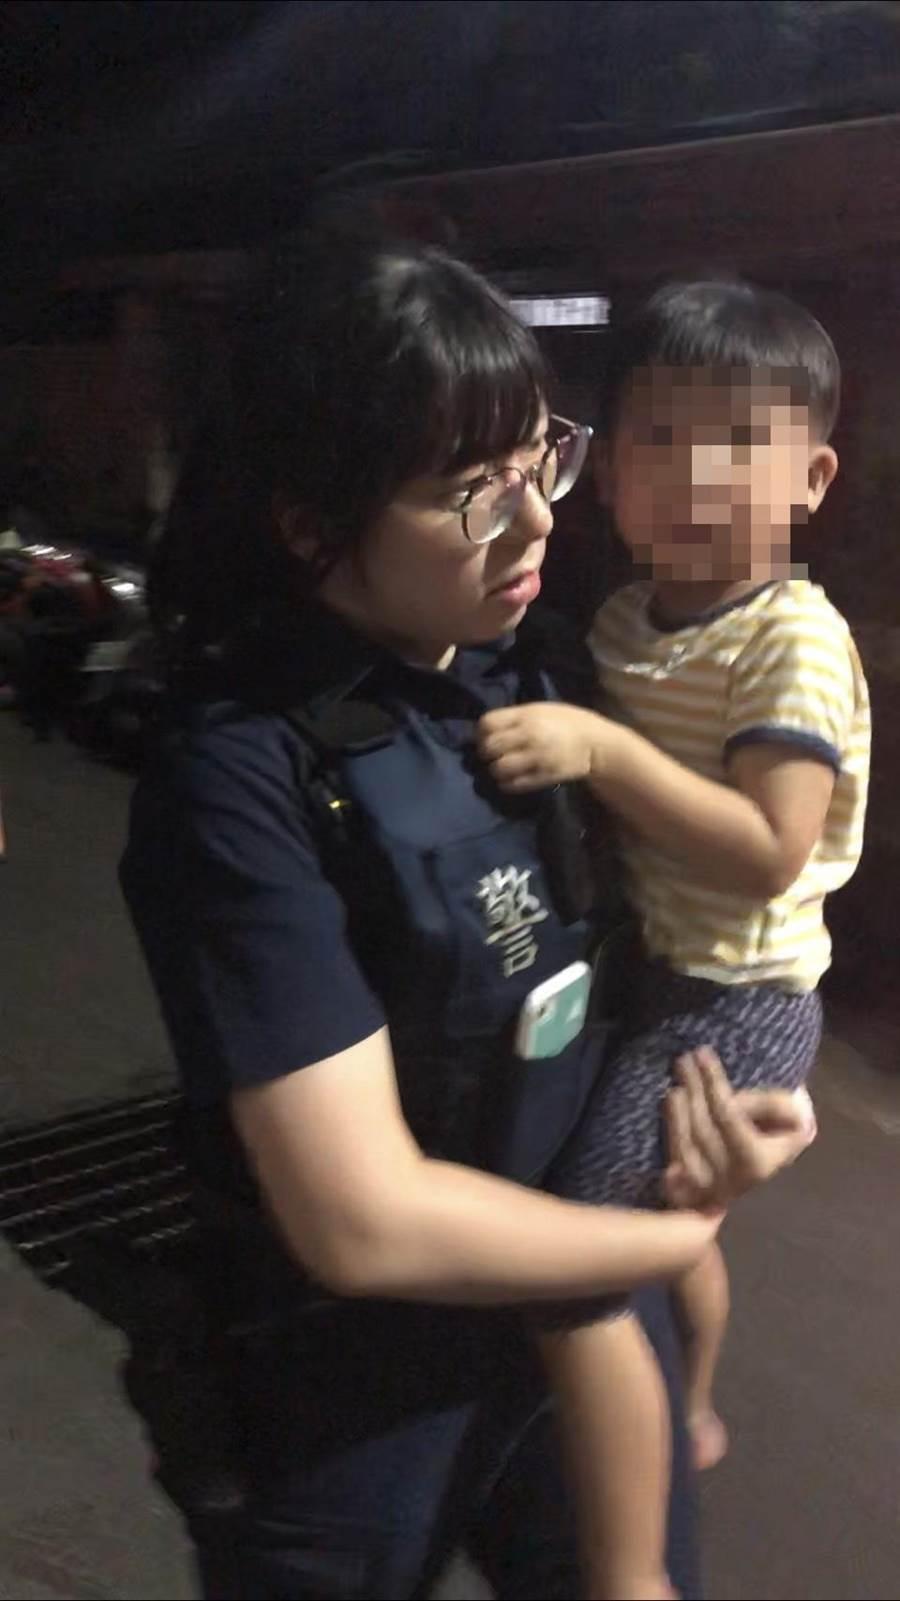 3歲孩童站在路旁不停哭泣,新北市永和警分局警員挨家挨戶詢問協助孩童返家。(實習記者陳志綸翻攝)